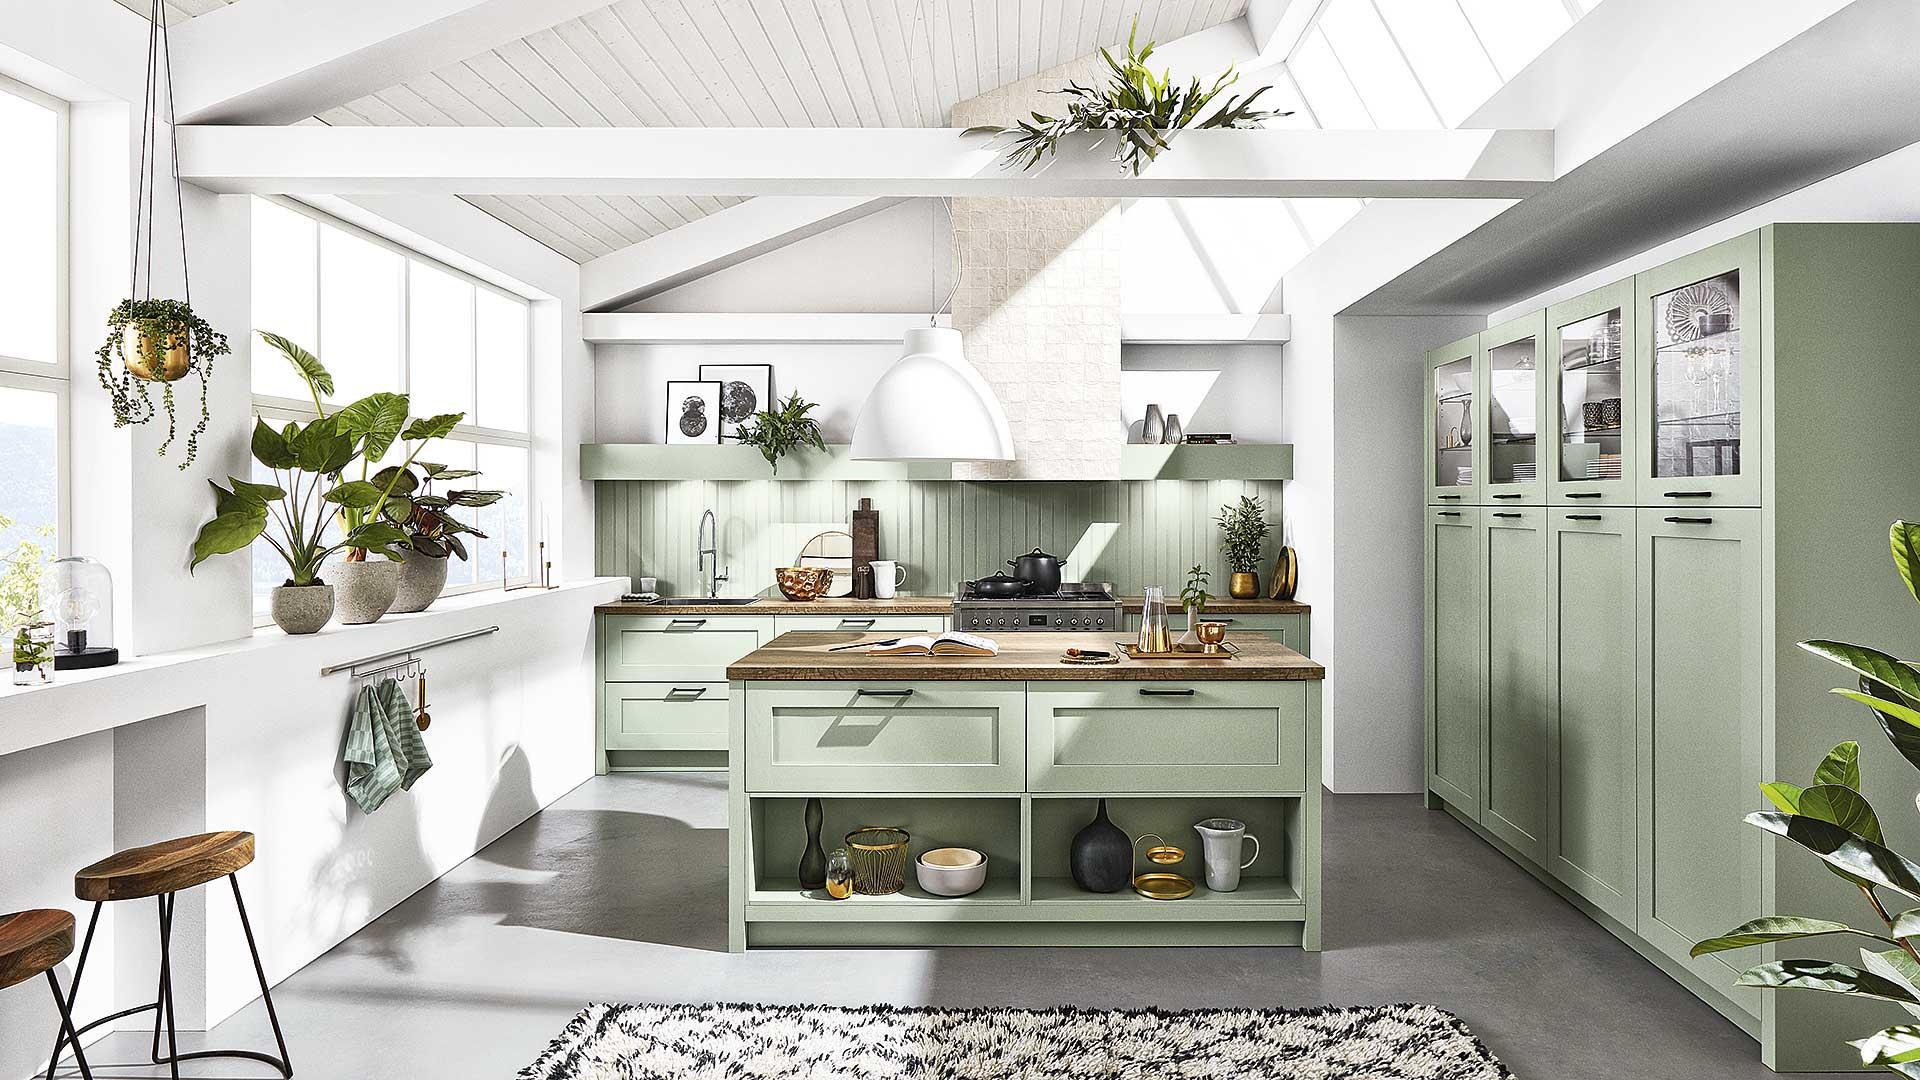 Inselküche von Küchenhaus Waldbröl